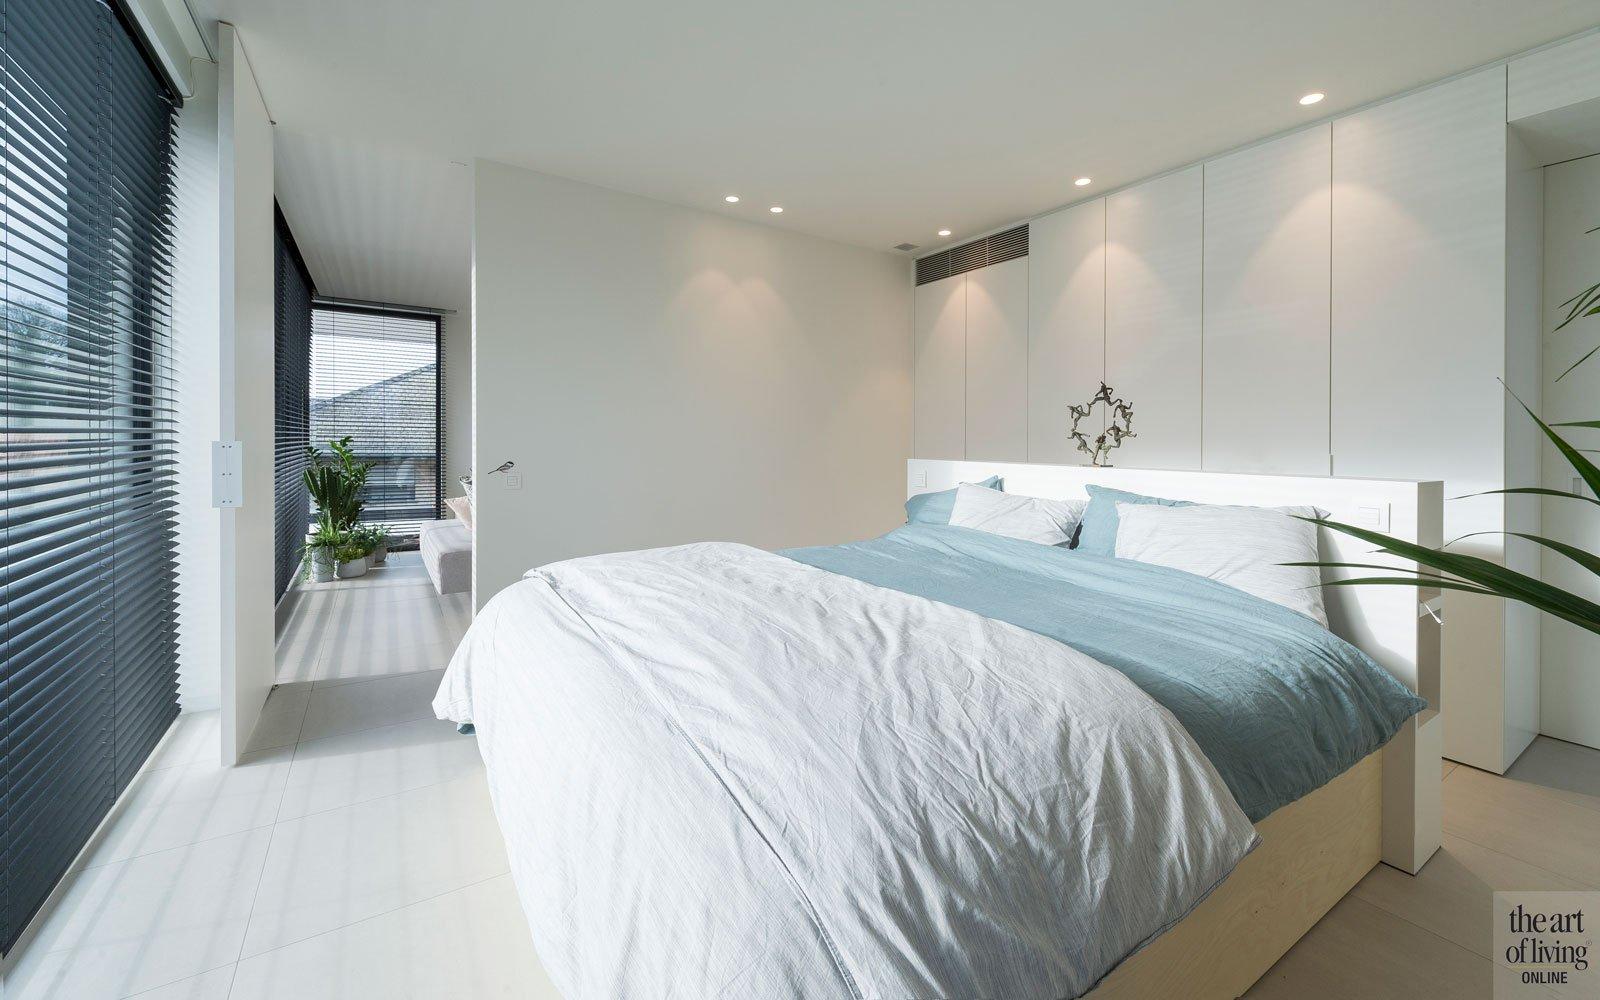 Appartement, slaapkamer, master bedroom, bed, grote ramen, groepspraktijk, Jelle Vandecasteele